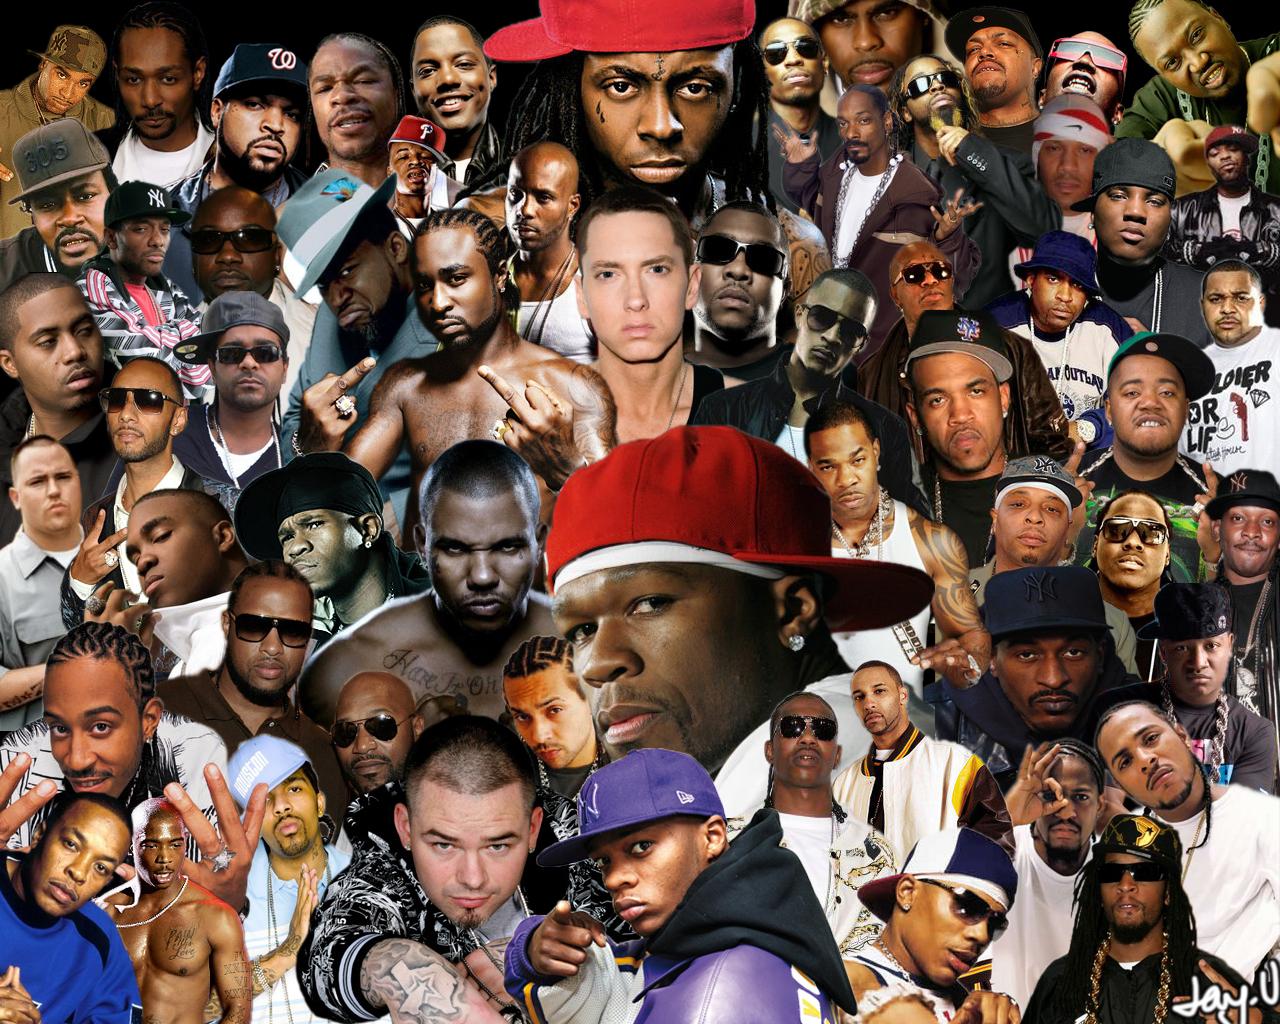 Black Hip Hop Culture